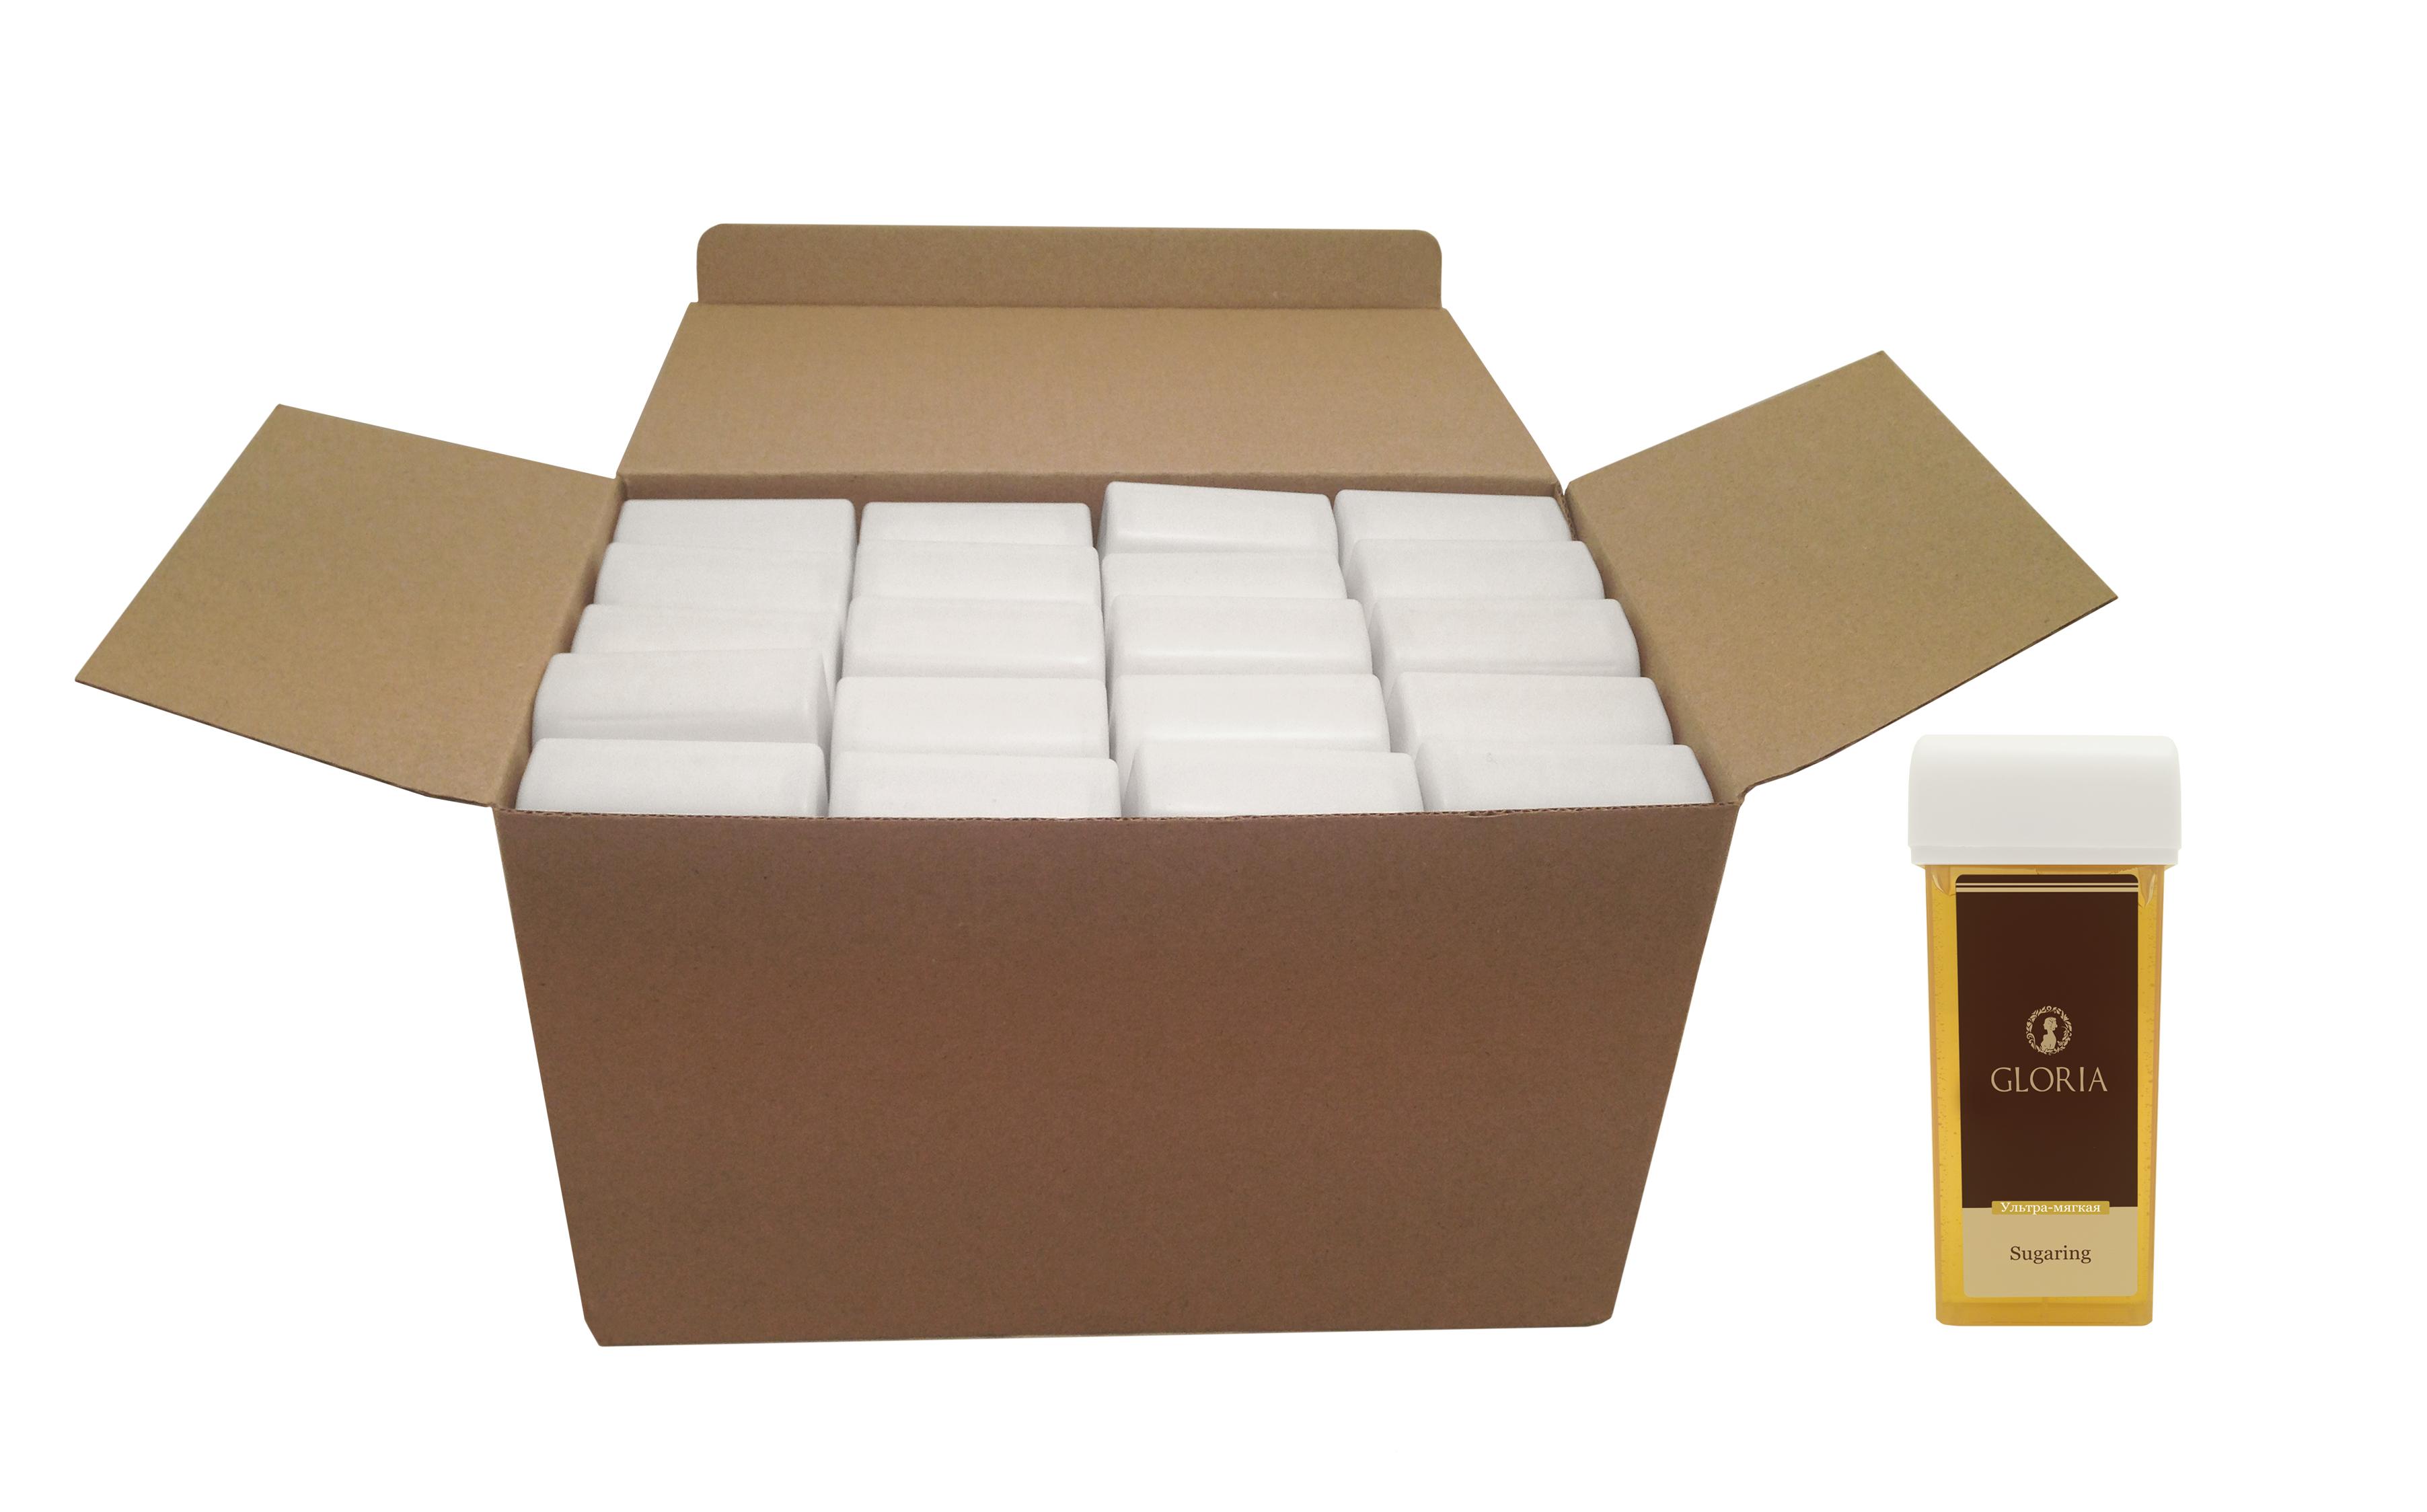 GLORIA Паста сахарная для депиляции ультра-мягкая / GLORIA, коробка, в картридже 20 шт.